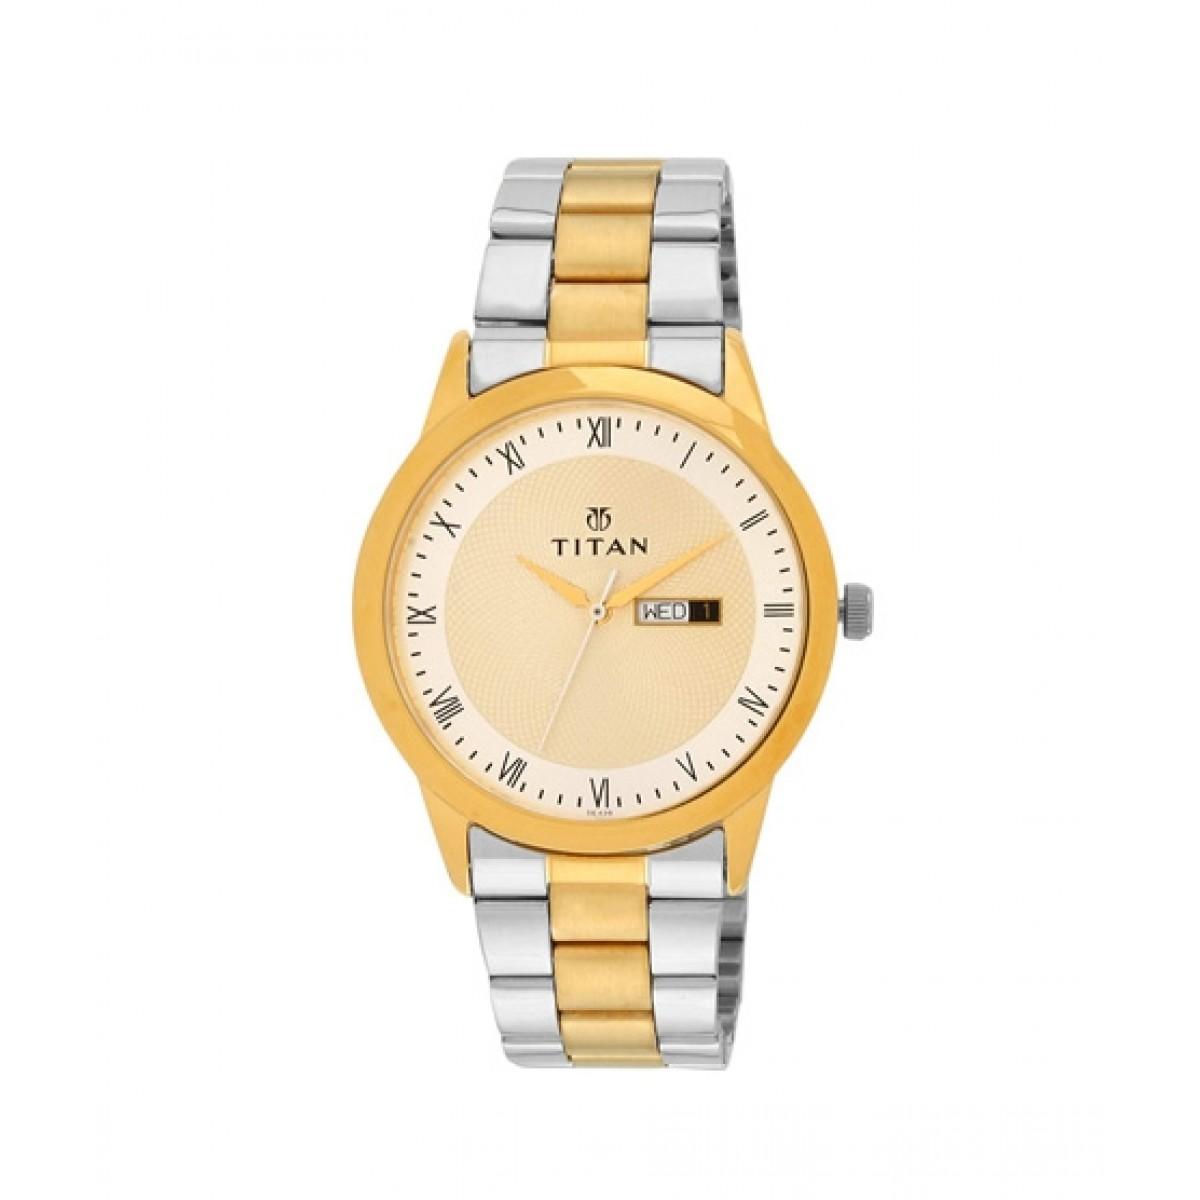 Titan Men's Watch Two Tone (1584BM02)